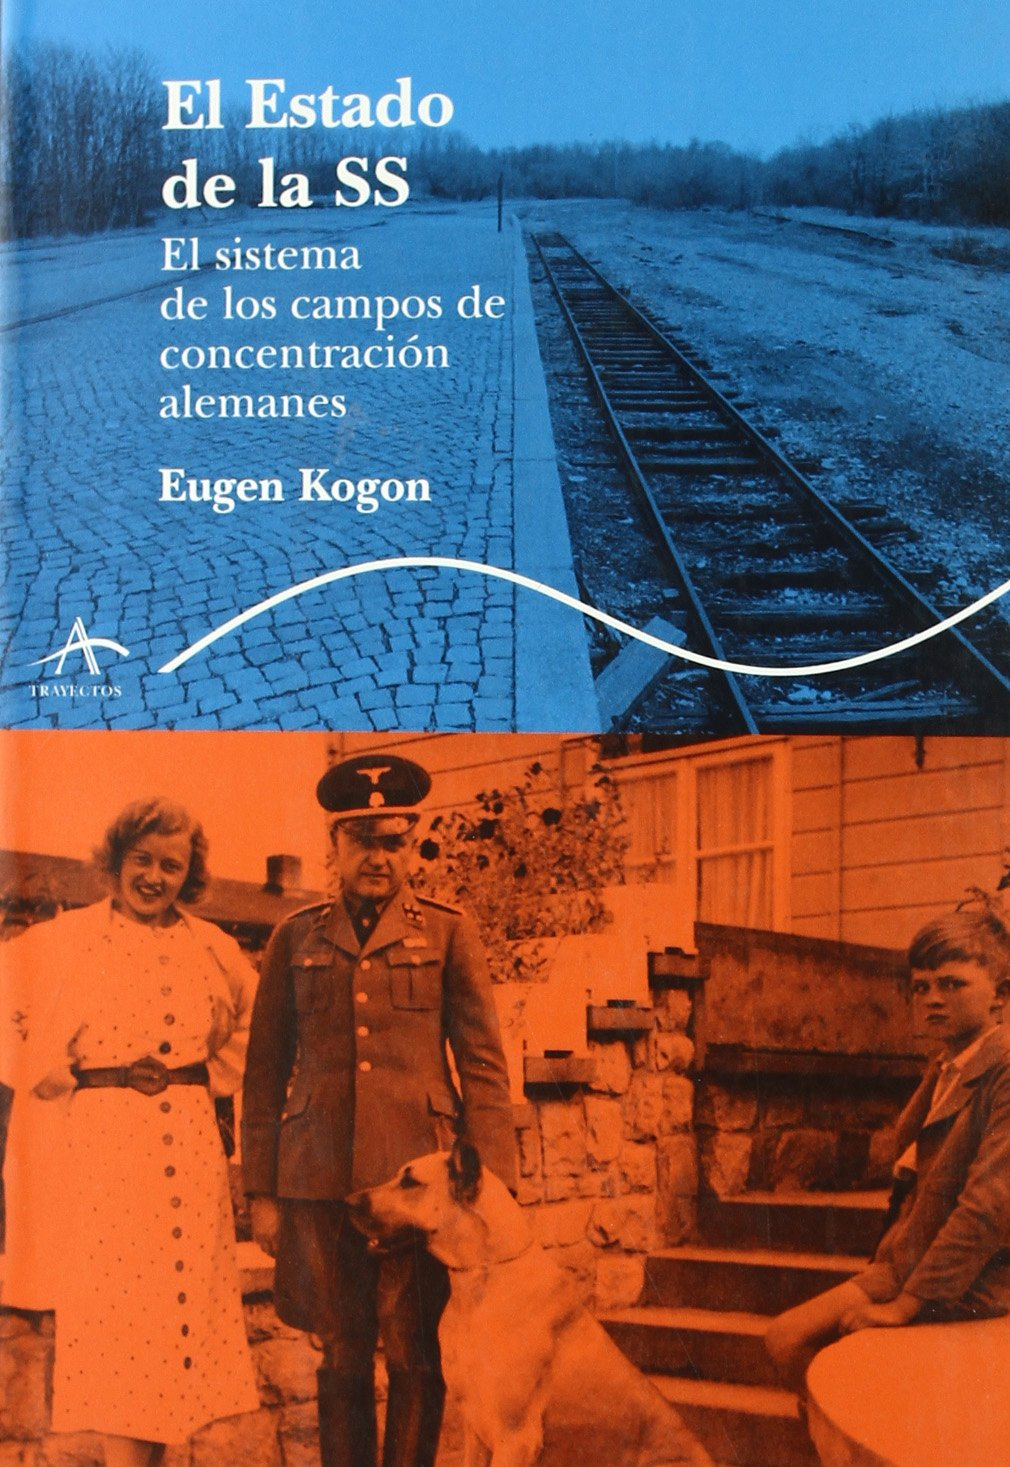 El estado de la SS: El sistema de los campos de concentración alemanes